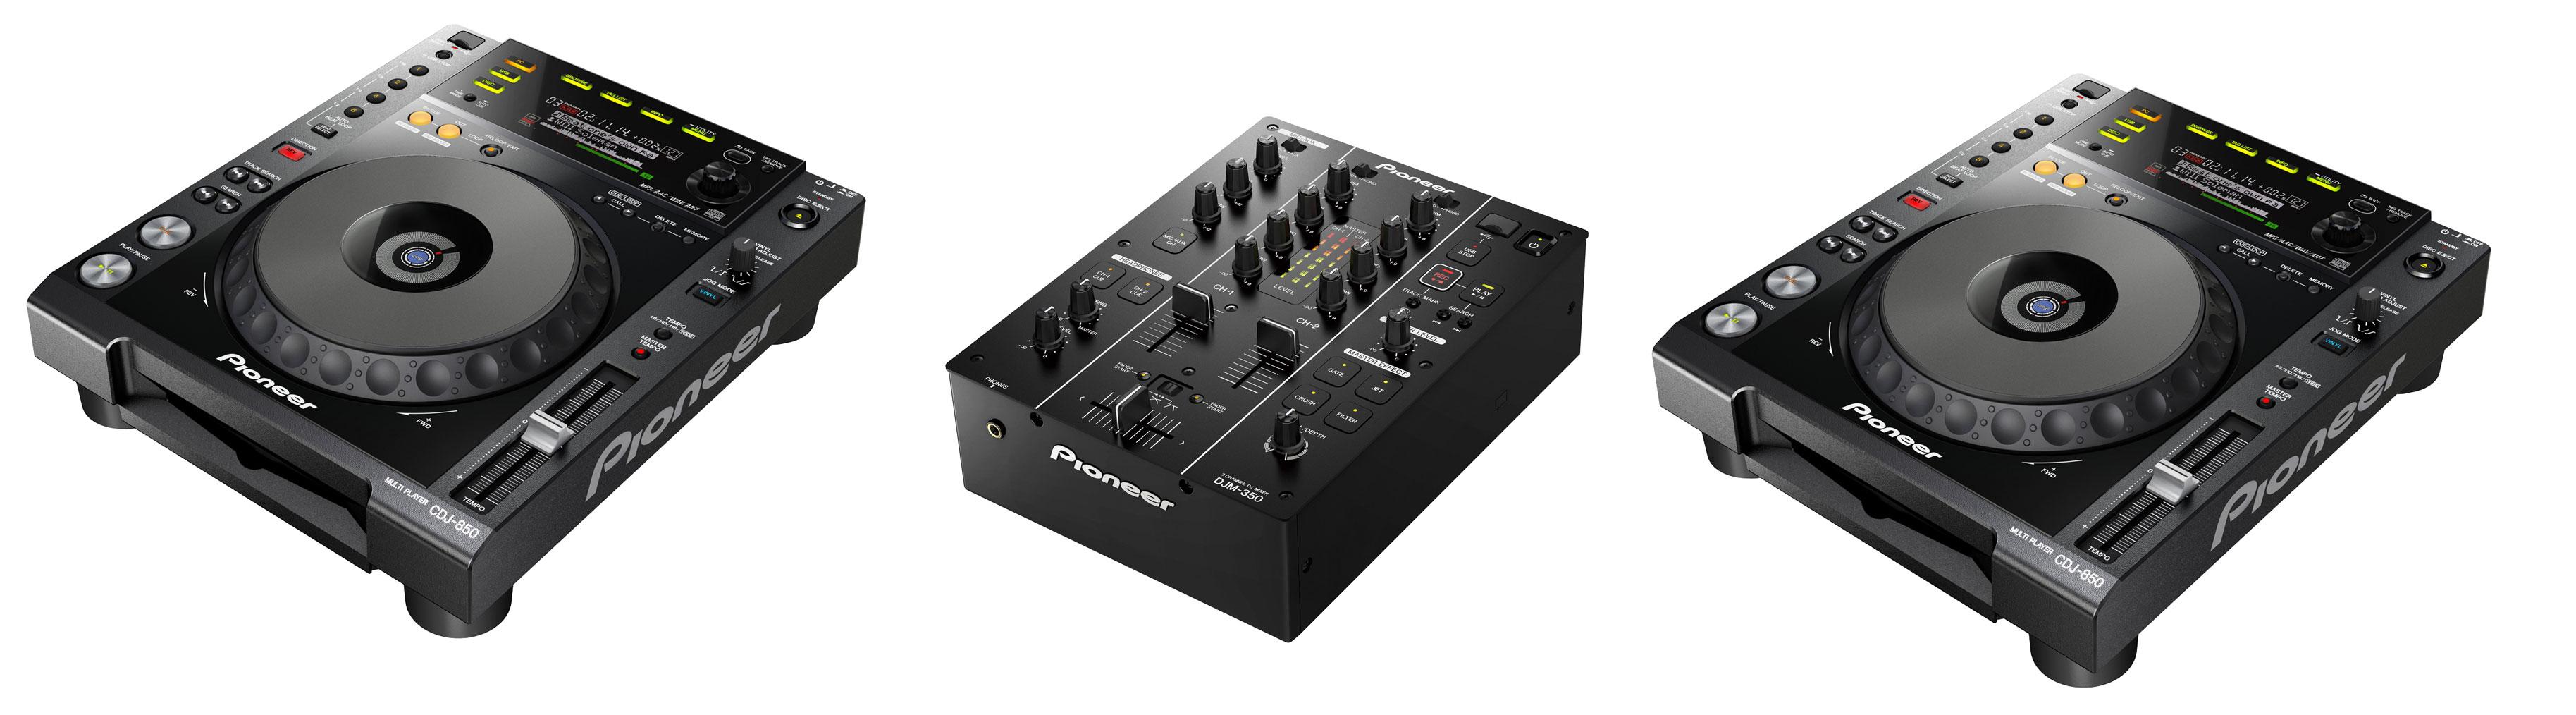 Pioneer DJ 2 x CDJ-850 + DJM-350